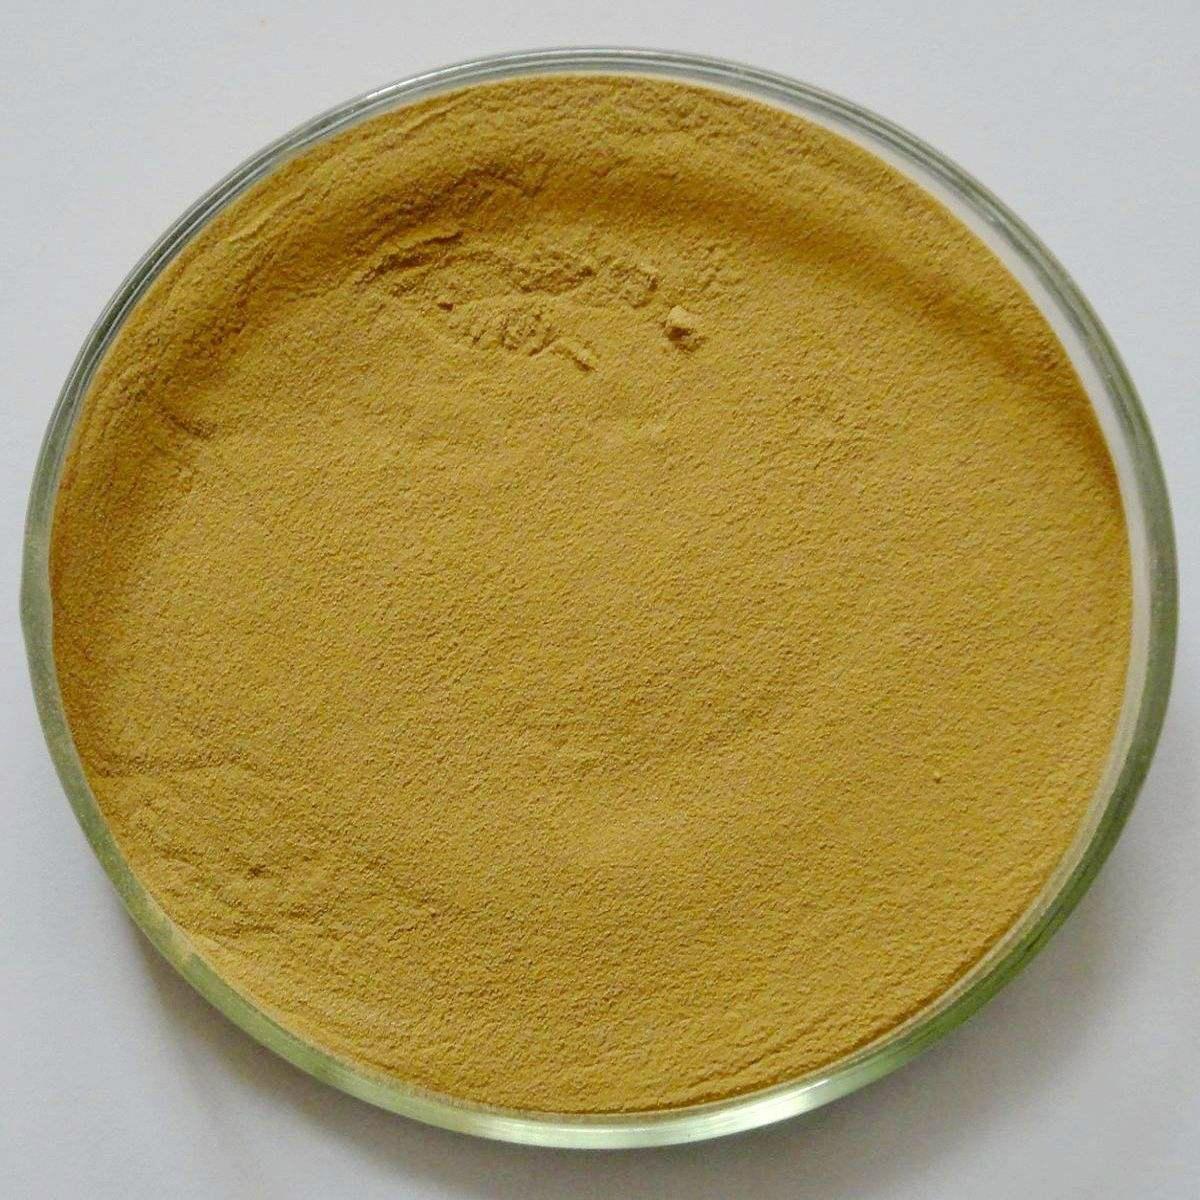 Organic Milk Thistle Extract Powder 80% silymarin, 30%silybin+isosilybin 2